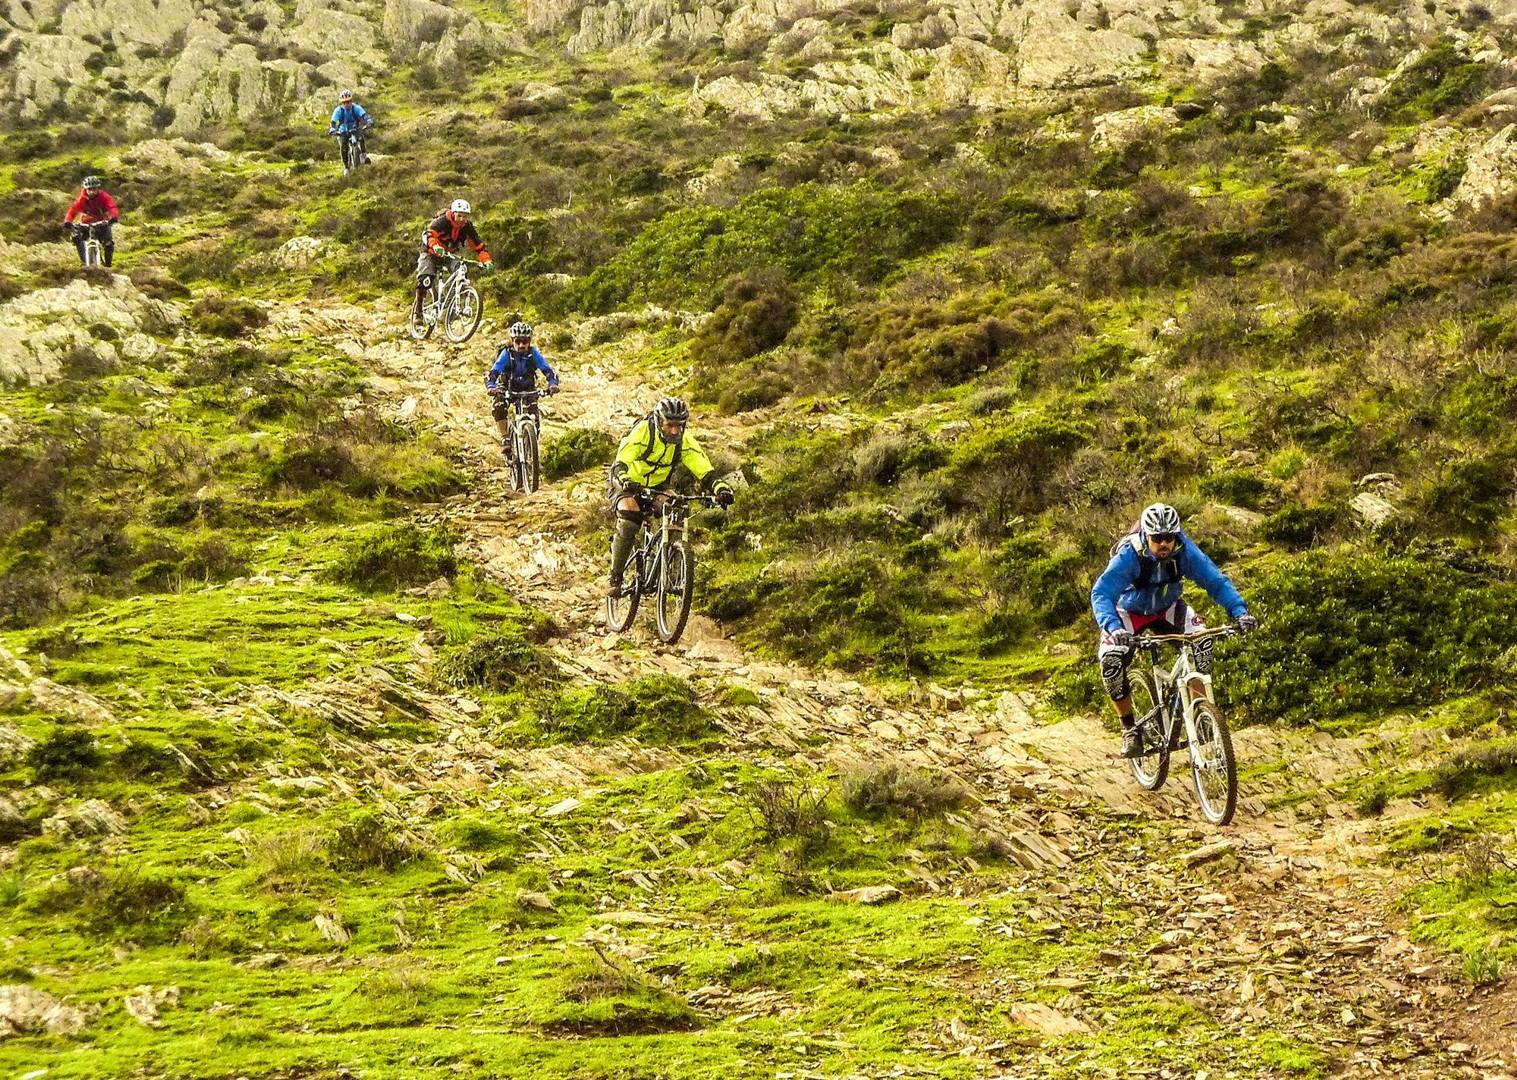 technical-downhill-descents-mountain-biking-italy-sardinia-tour.jpg - Sardinia - Coast to Coast - Italia Mountain Biking